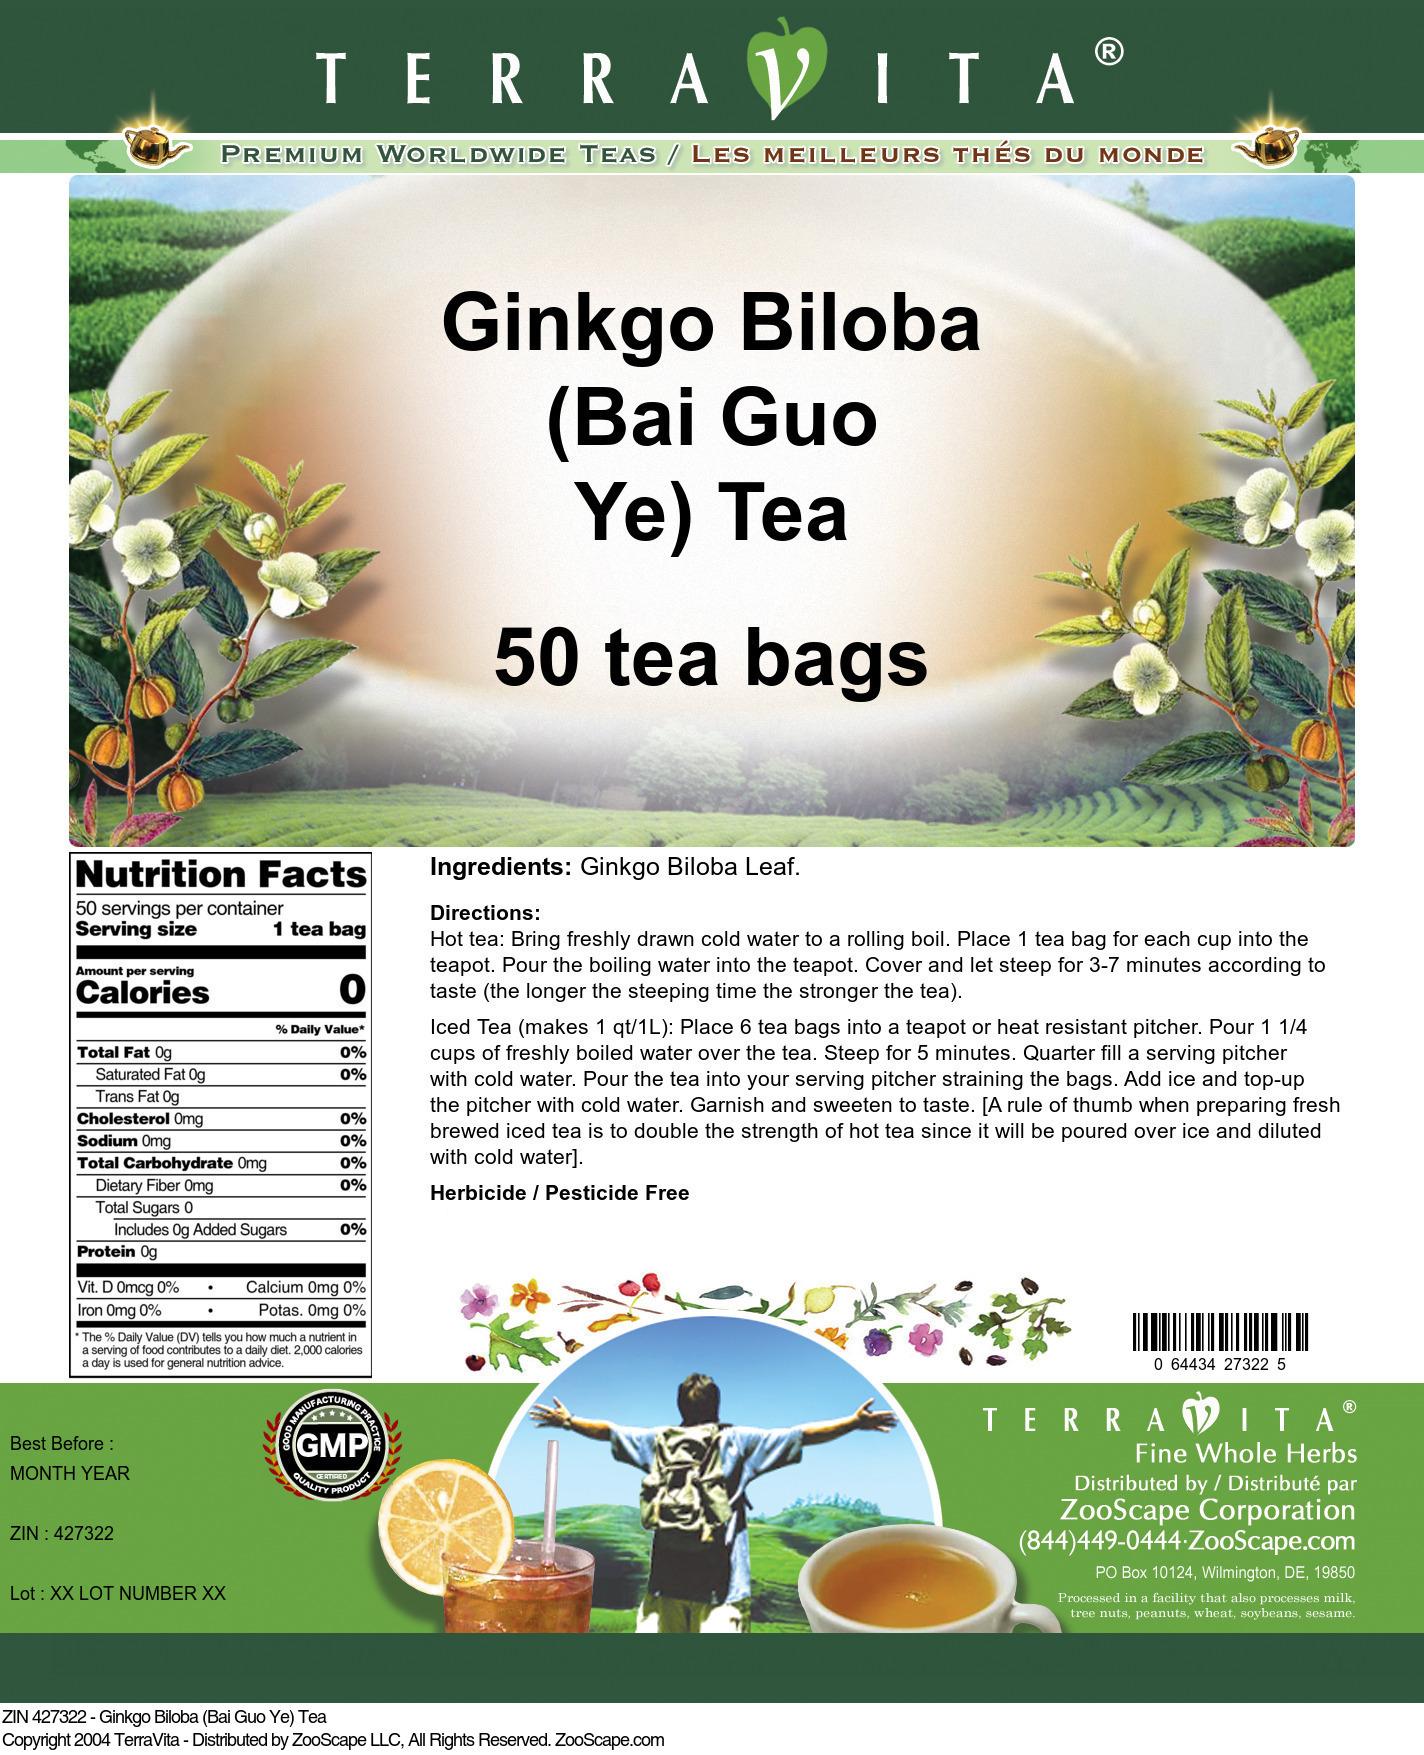 Ginkgo Biloba (Bai Guo Ye) Tea - Label